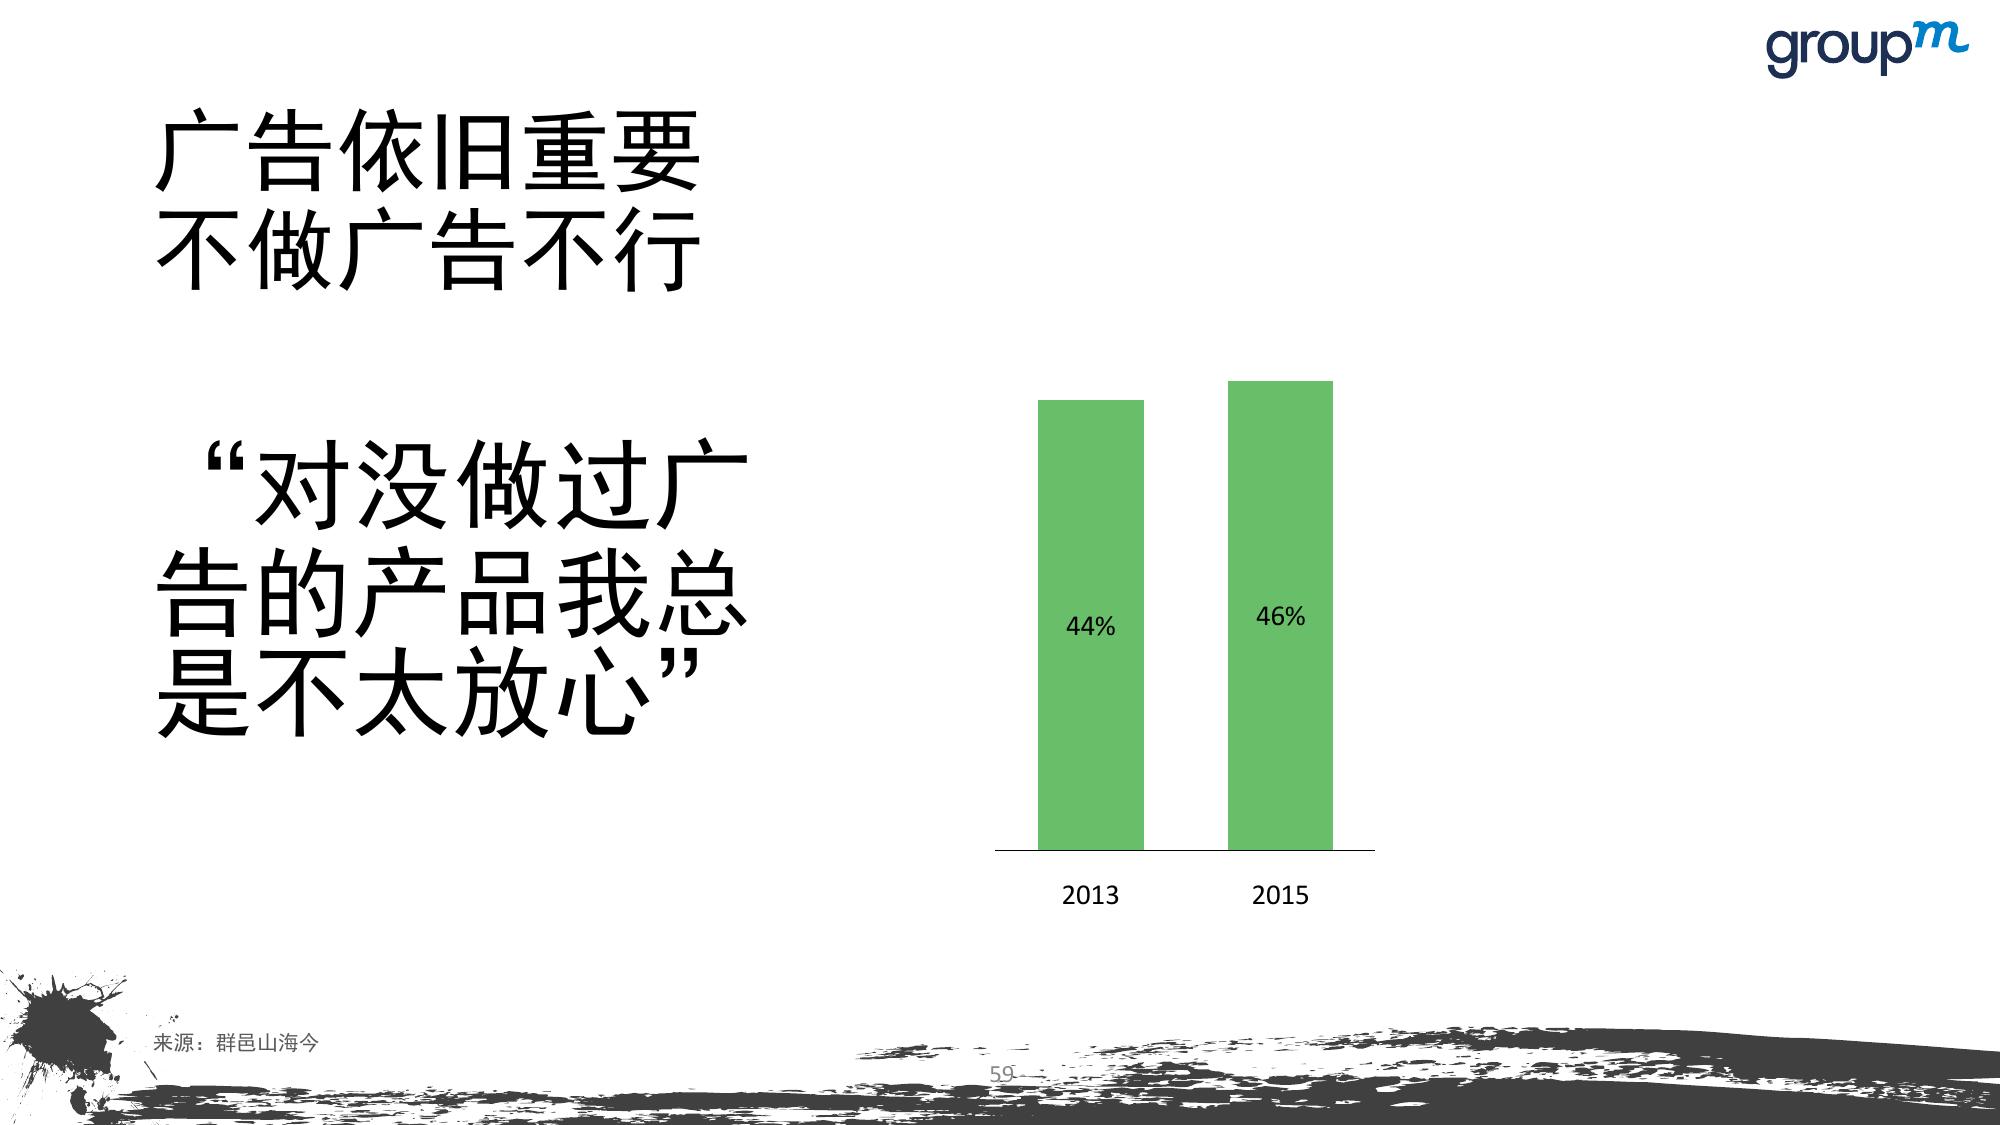 山海今2015中国媒介趋势报告_000059